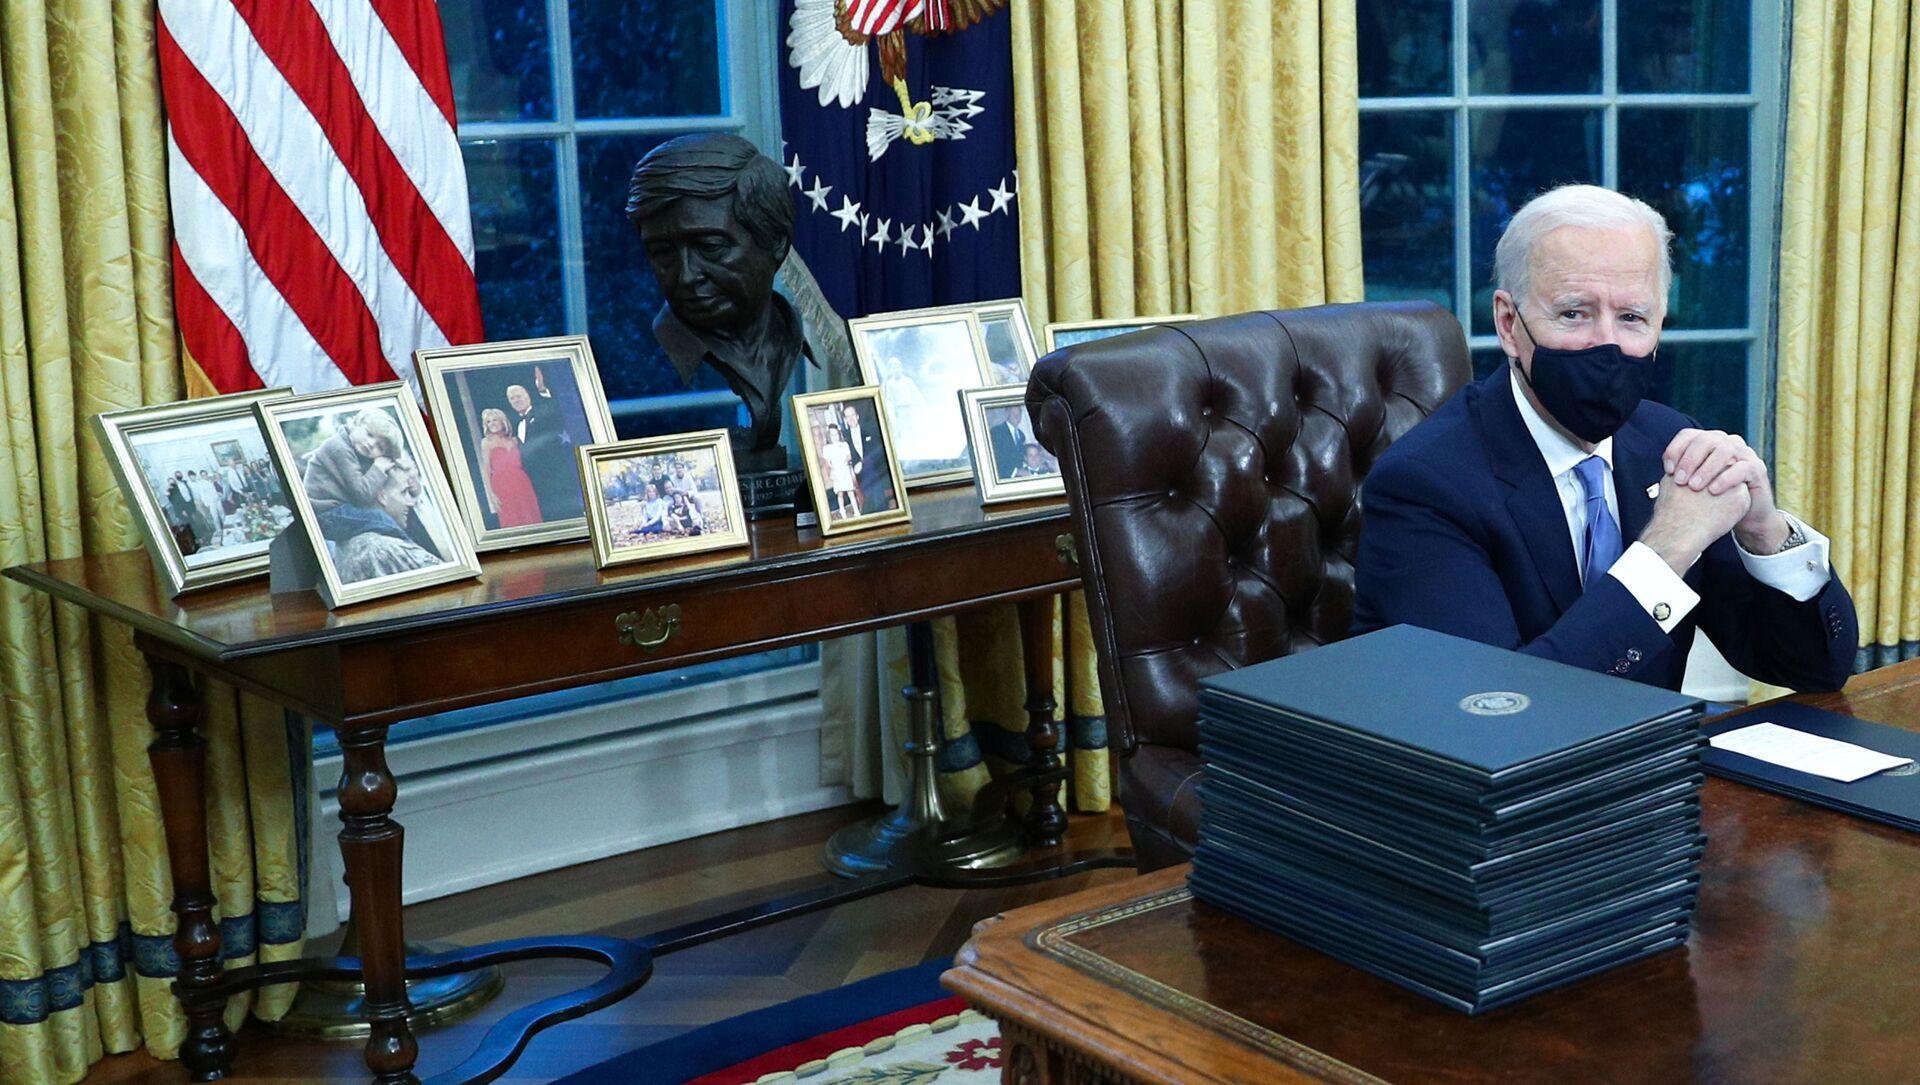 Президент США Джо Байден в Овальном кабинете в Белом доме, 2021 год  - Sputnik Армения, 1920, 11.02.2021